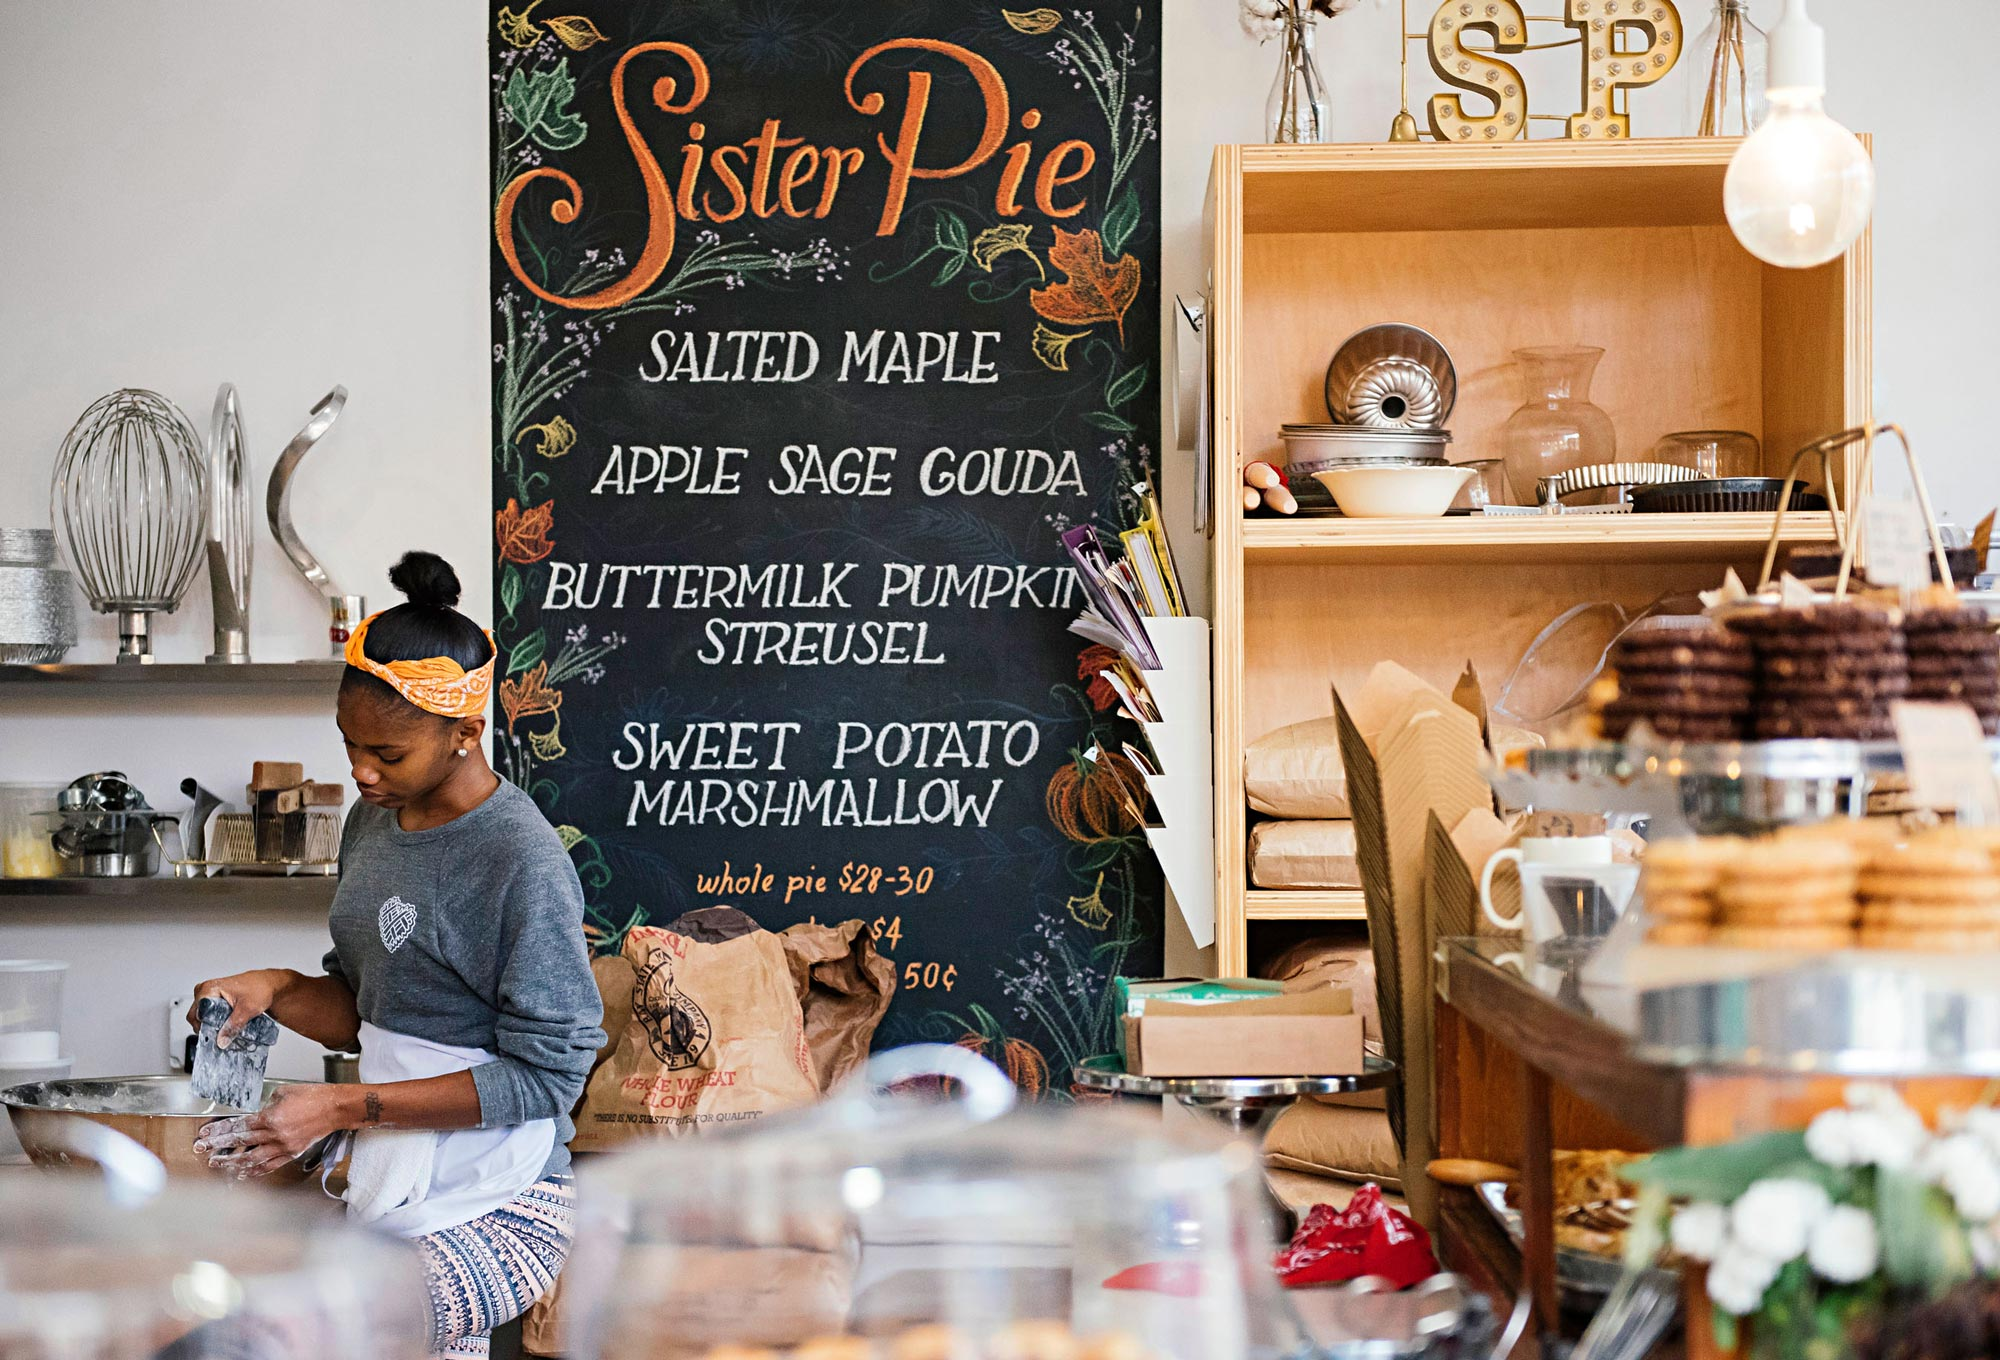 Sister Pie shop